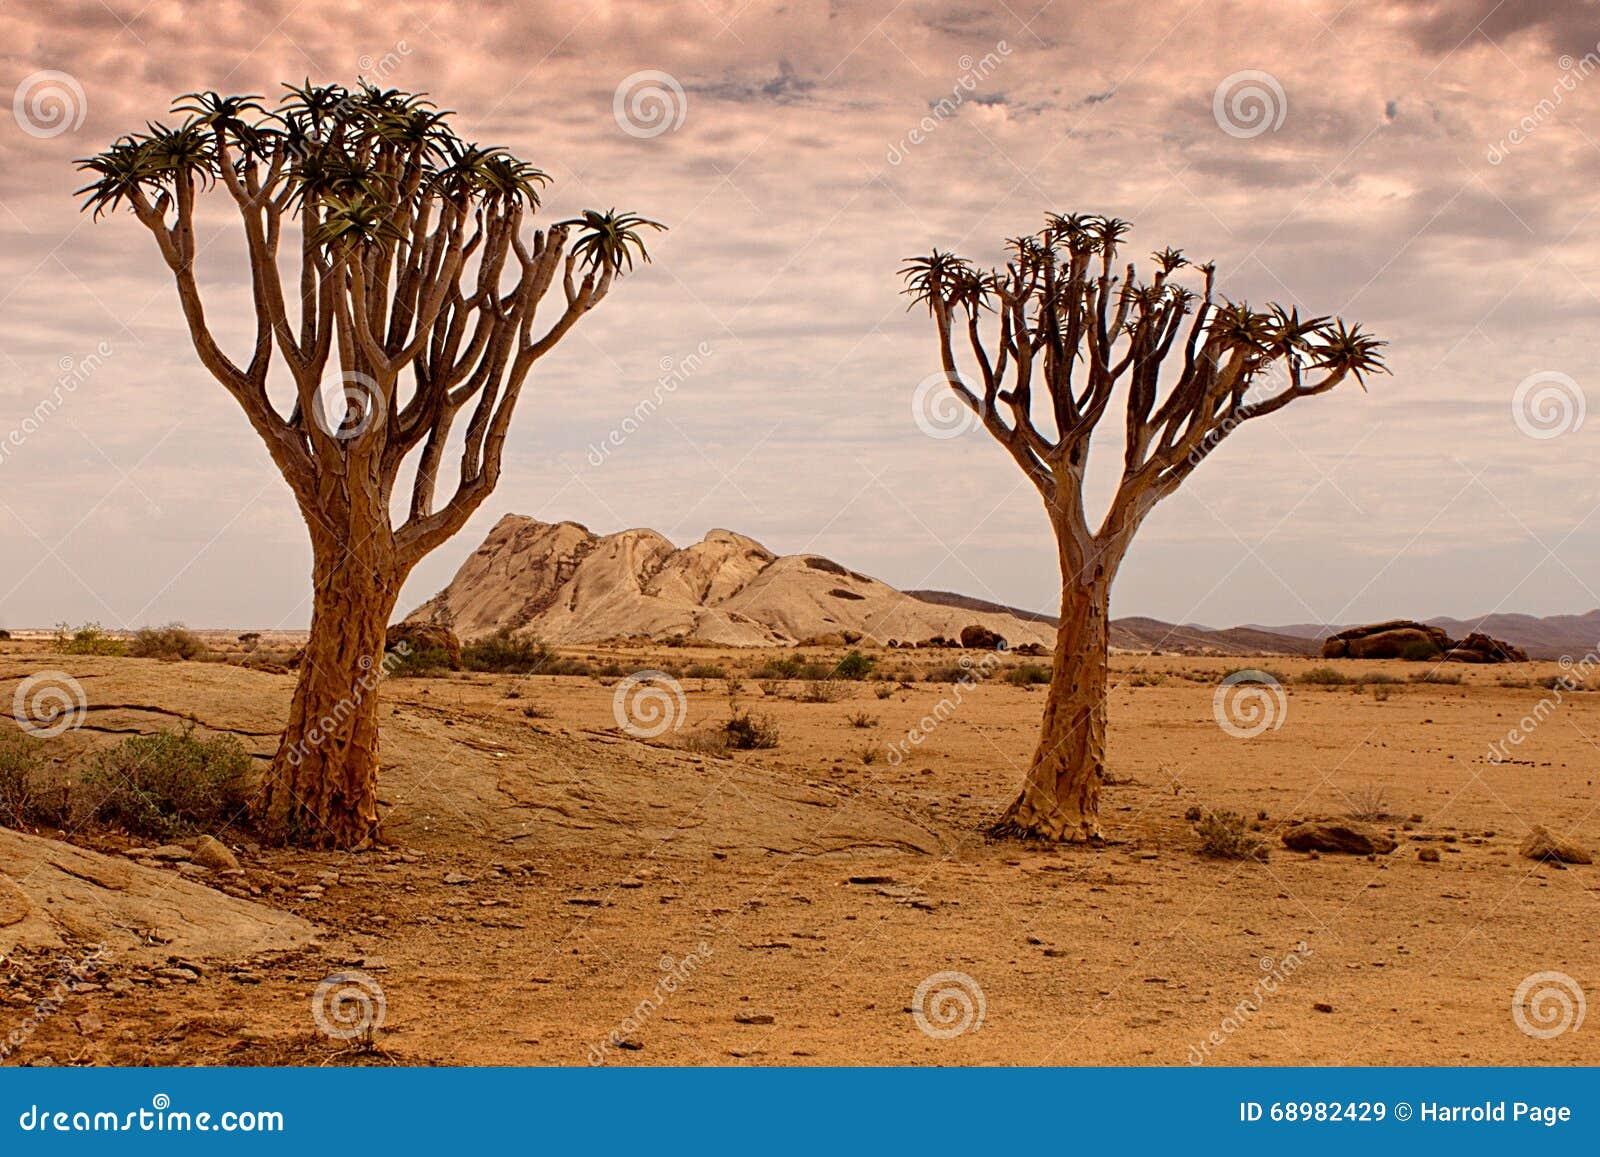 Réserve naturelle de Naukluft, désert de Namib, Namibie